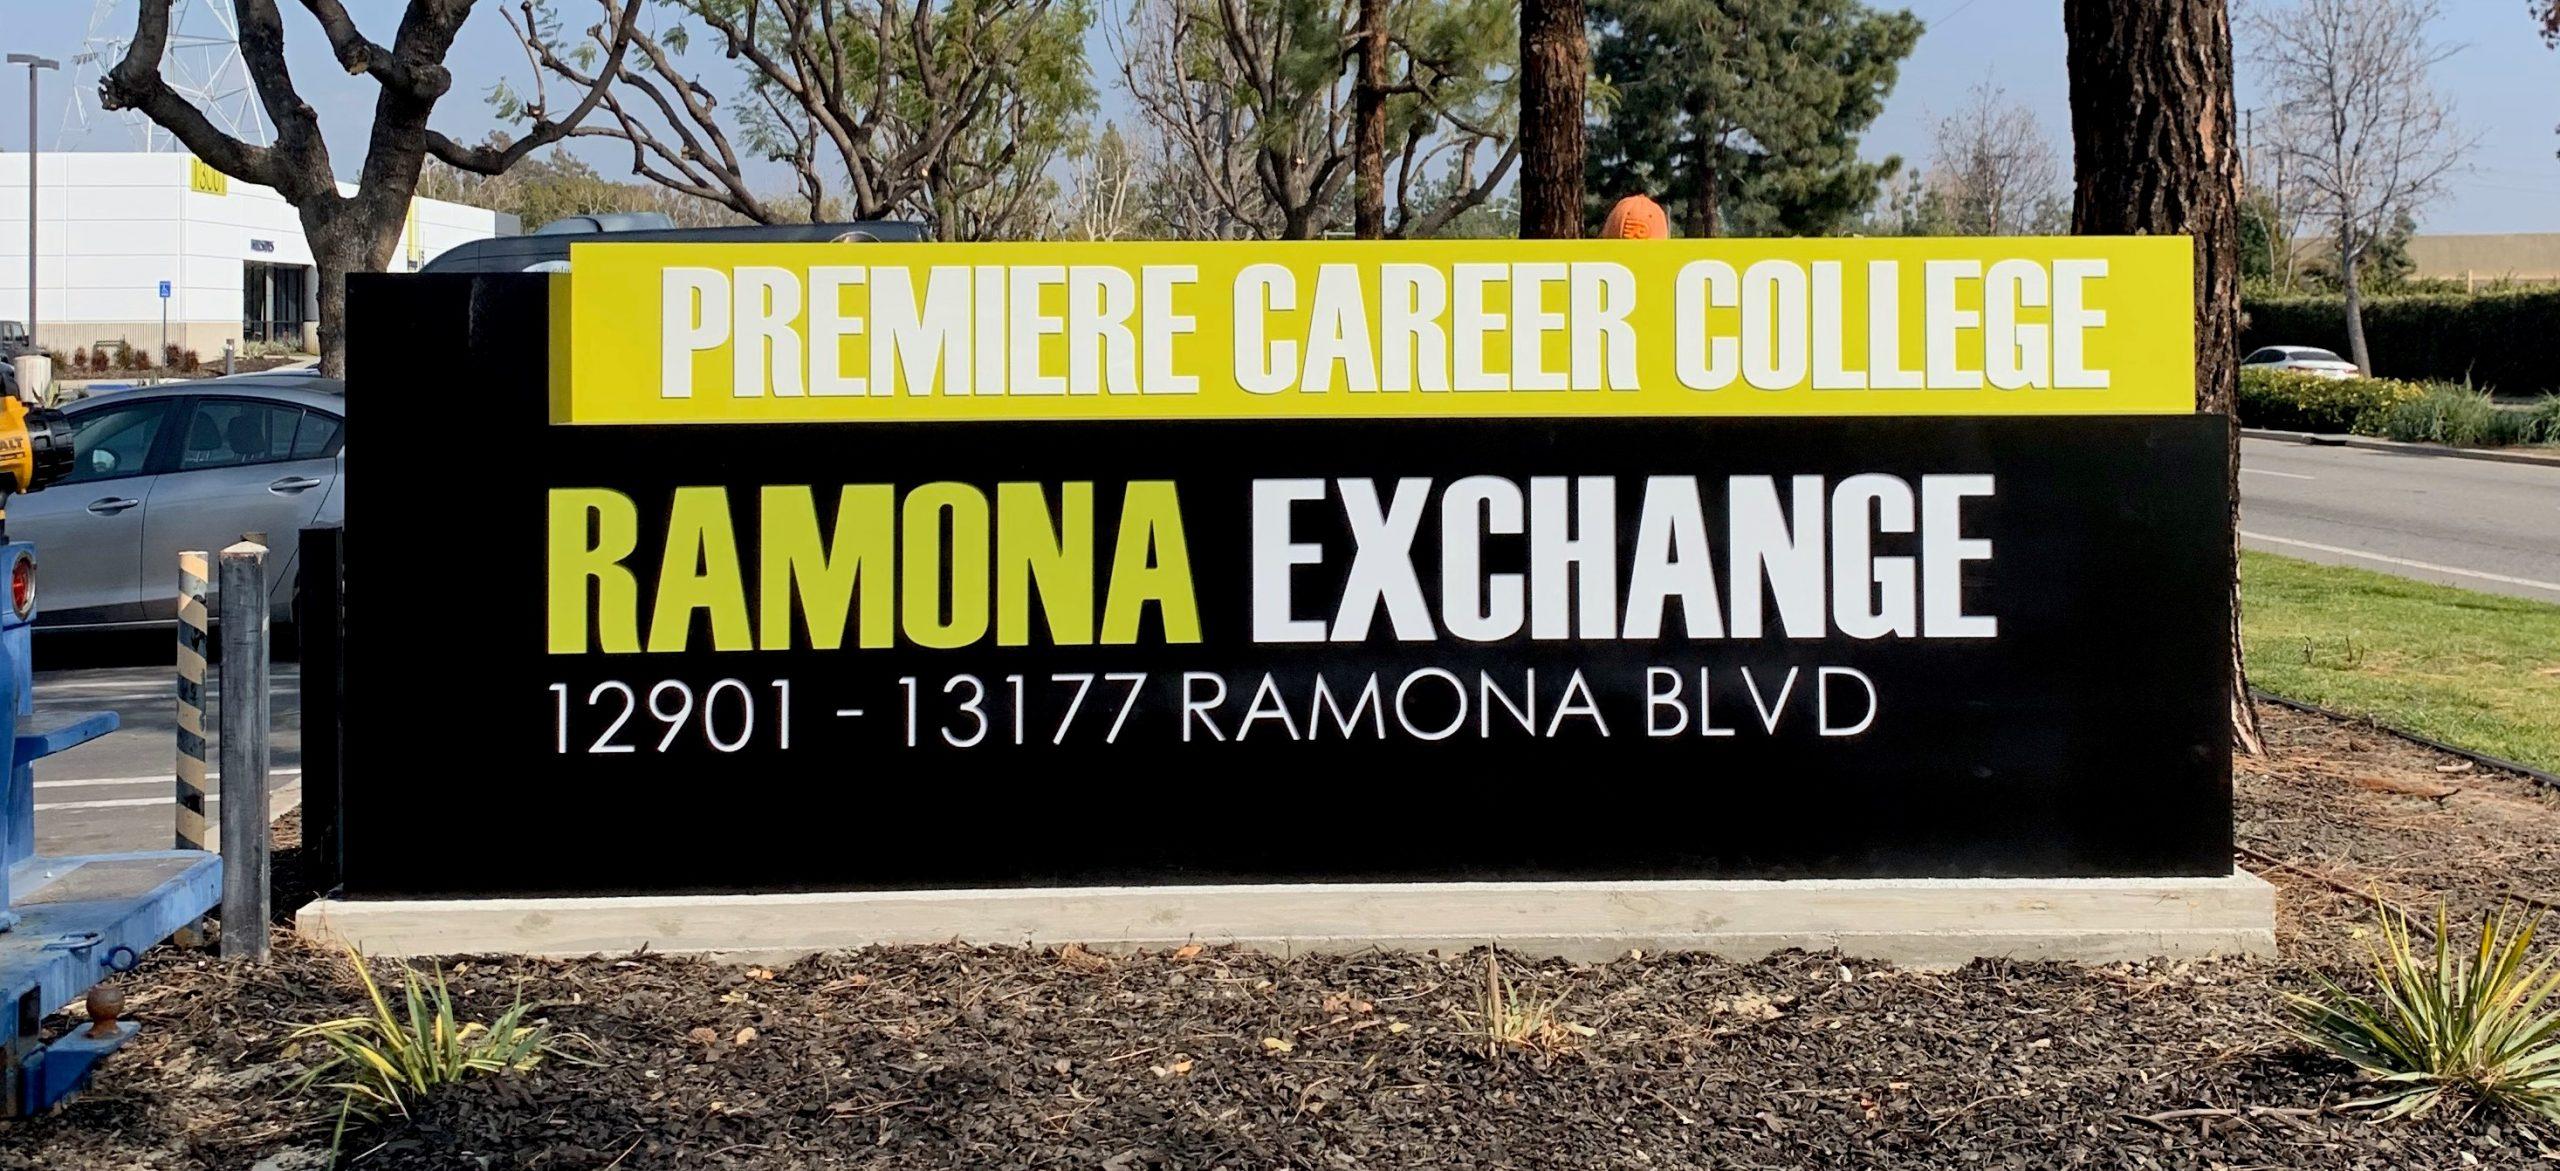 Monument-Ramona-Exchange-large-good